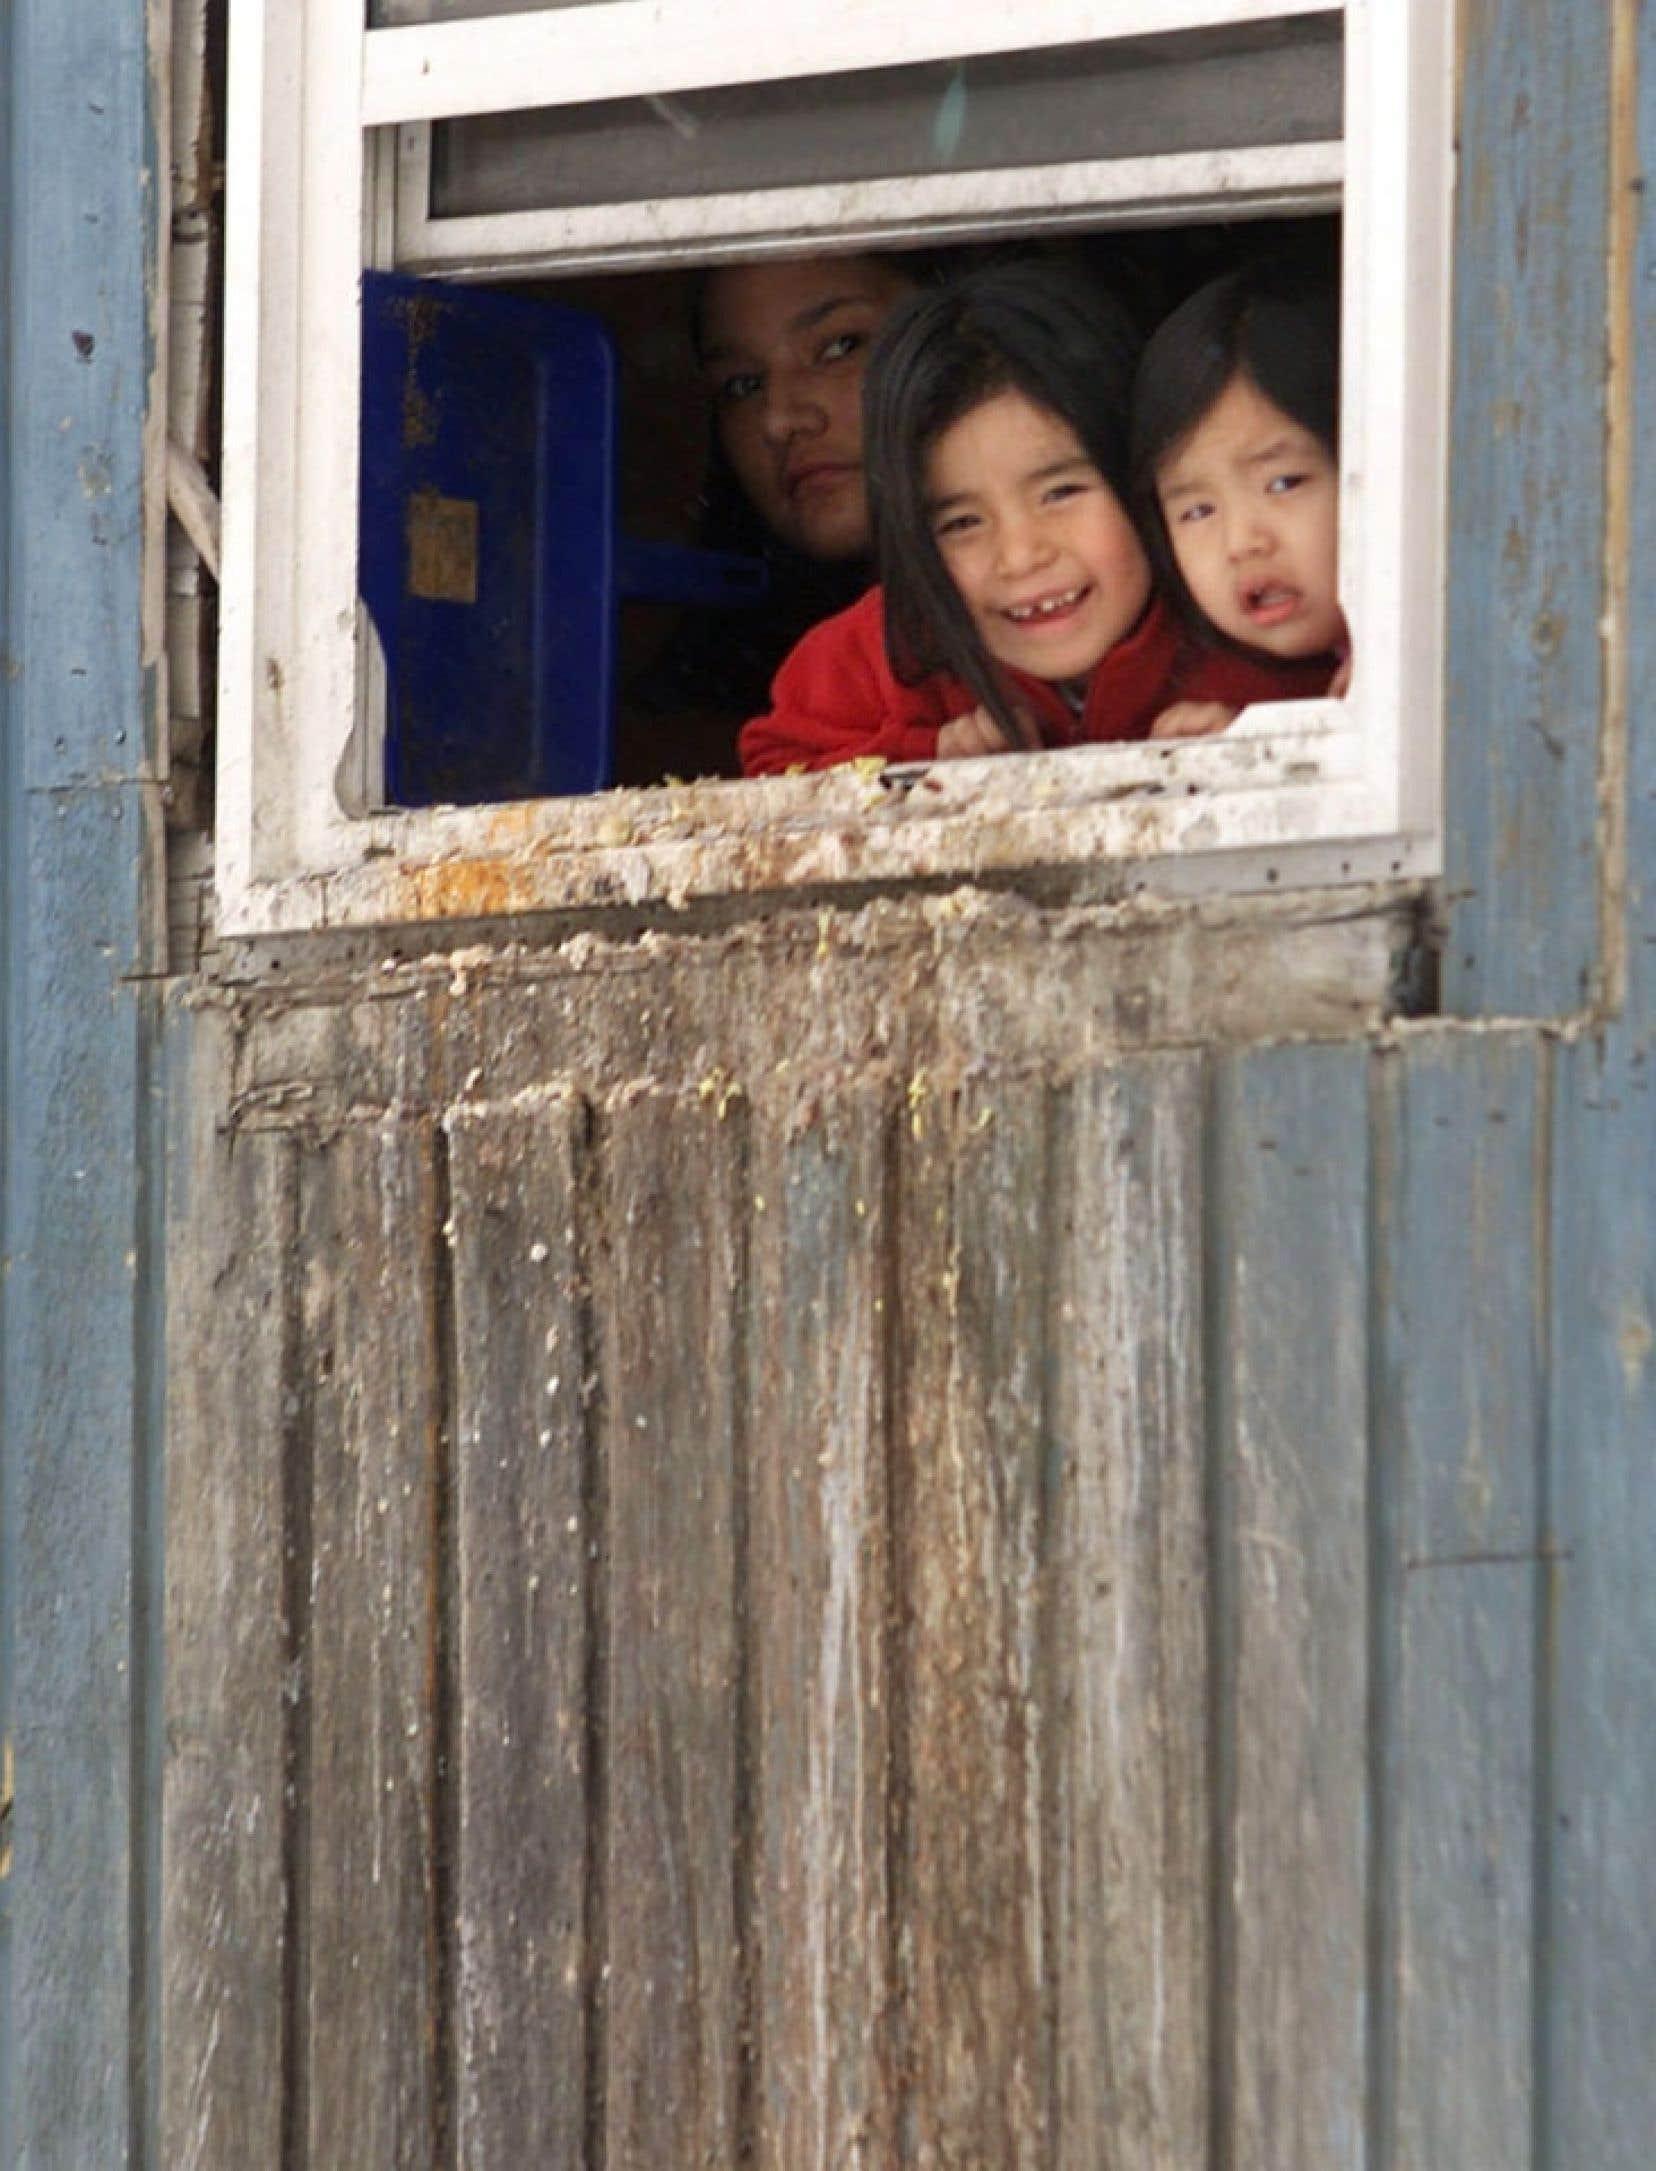 Les lacunes de droits qui affligent les communautés autochtones sont inexcusables dans un pays comme le Canada, ajoute le rapporteur de l'ONU.